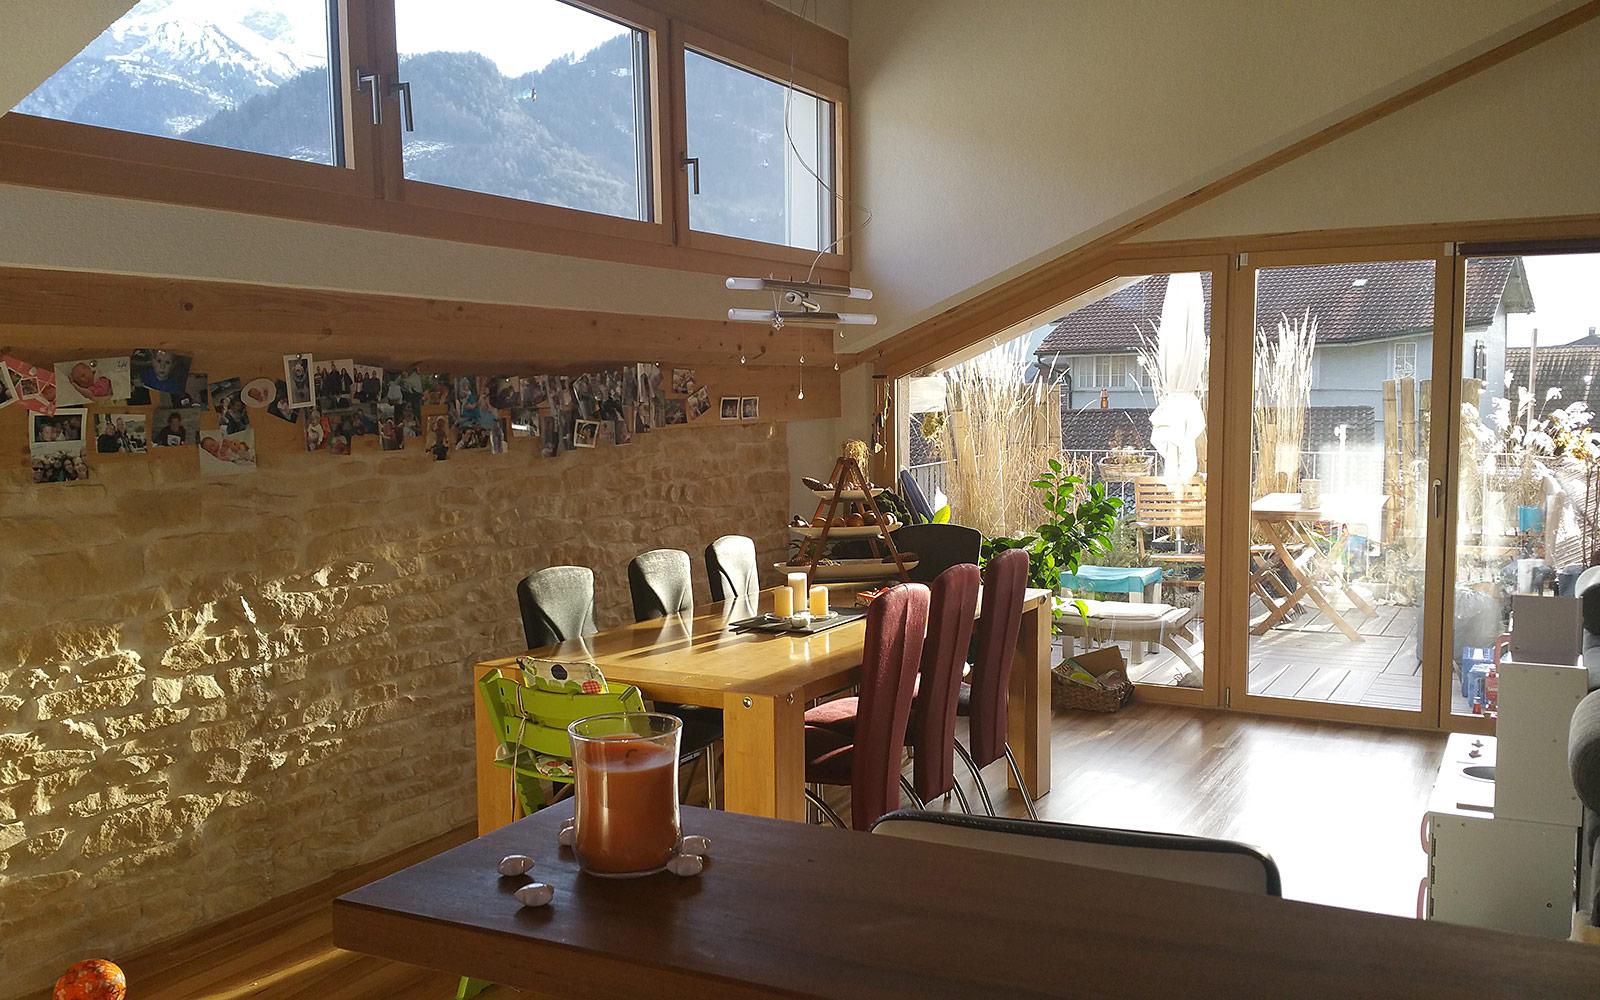 dietrich schreinerei gmbh home. Black Bedroom Furniture Sets. Home Design Ideas